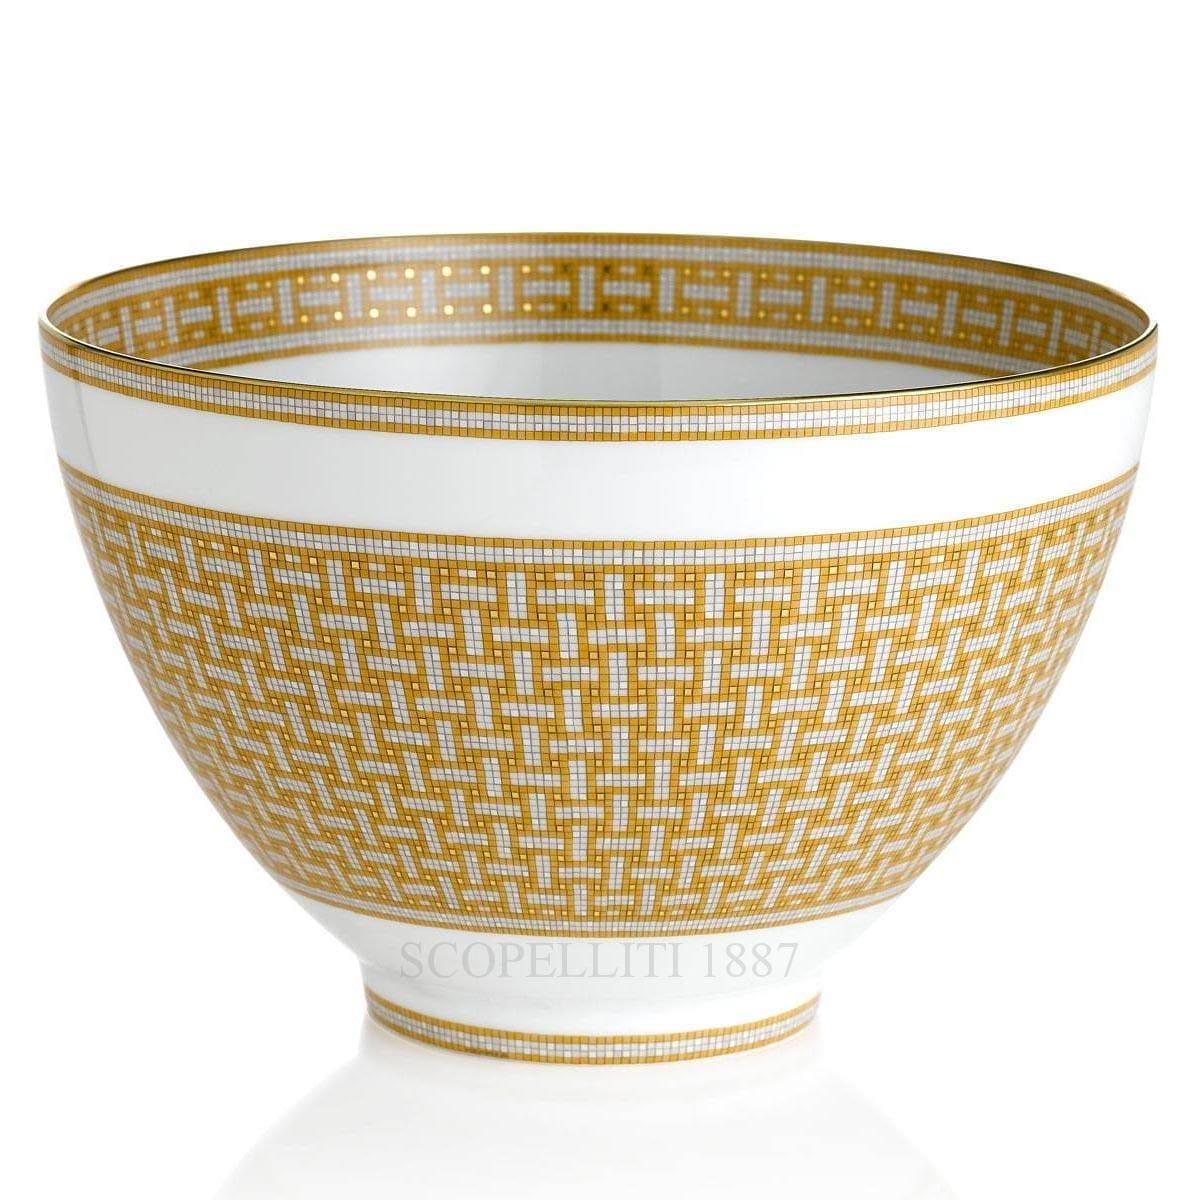 hermes paris designer mosaique au punch bowl